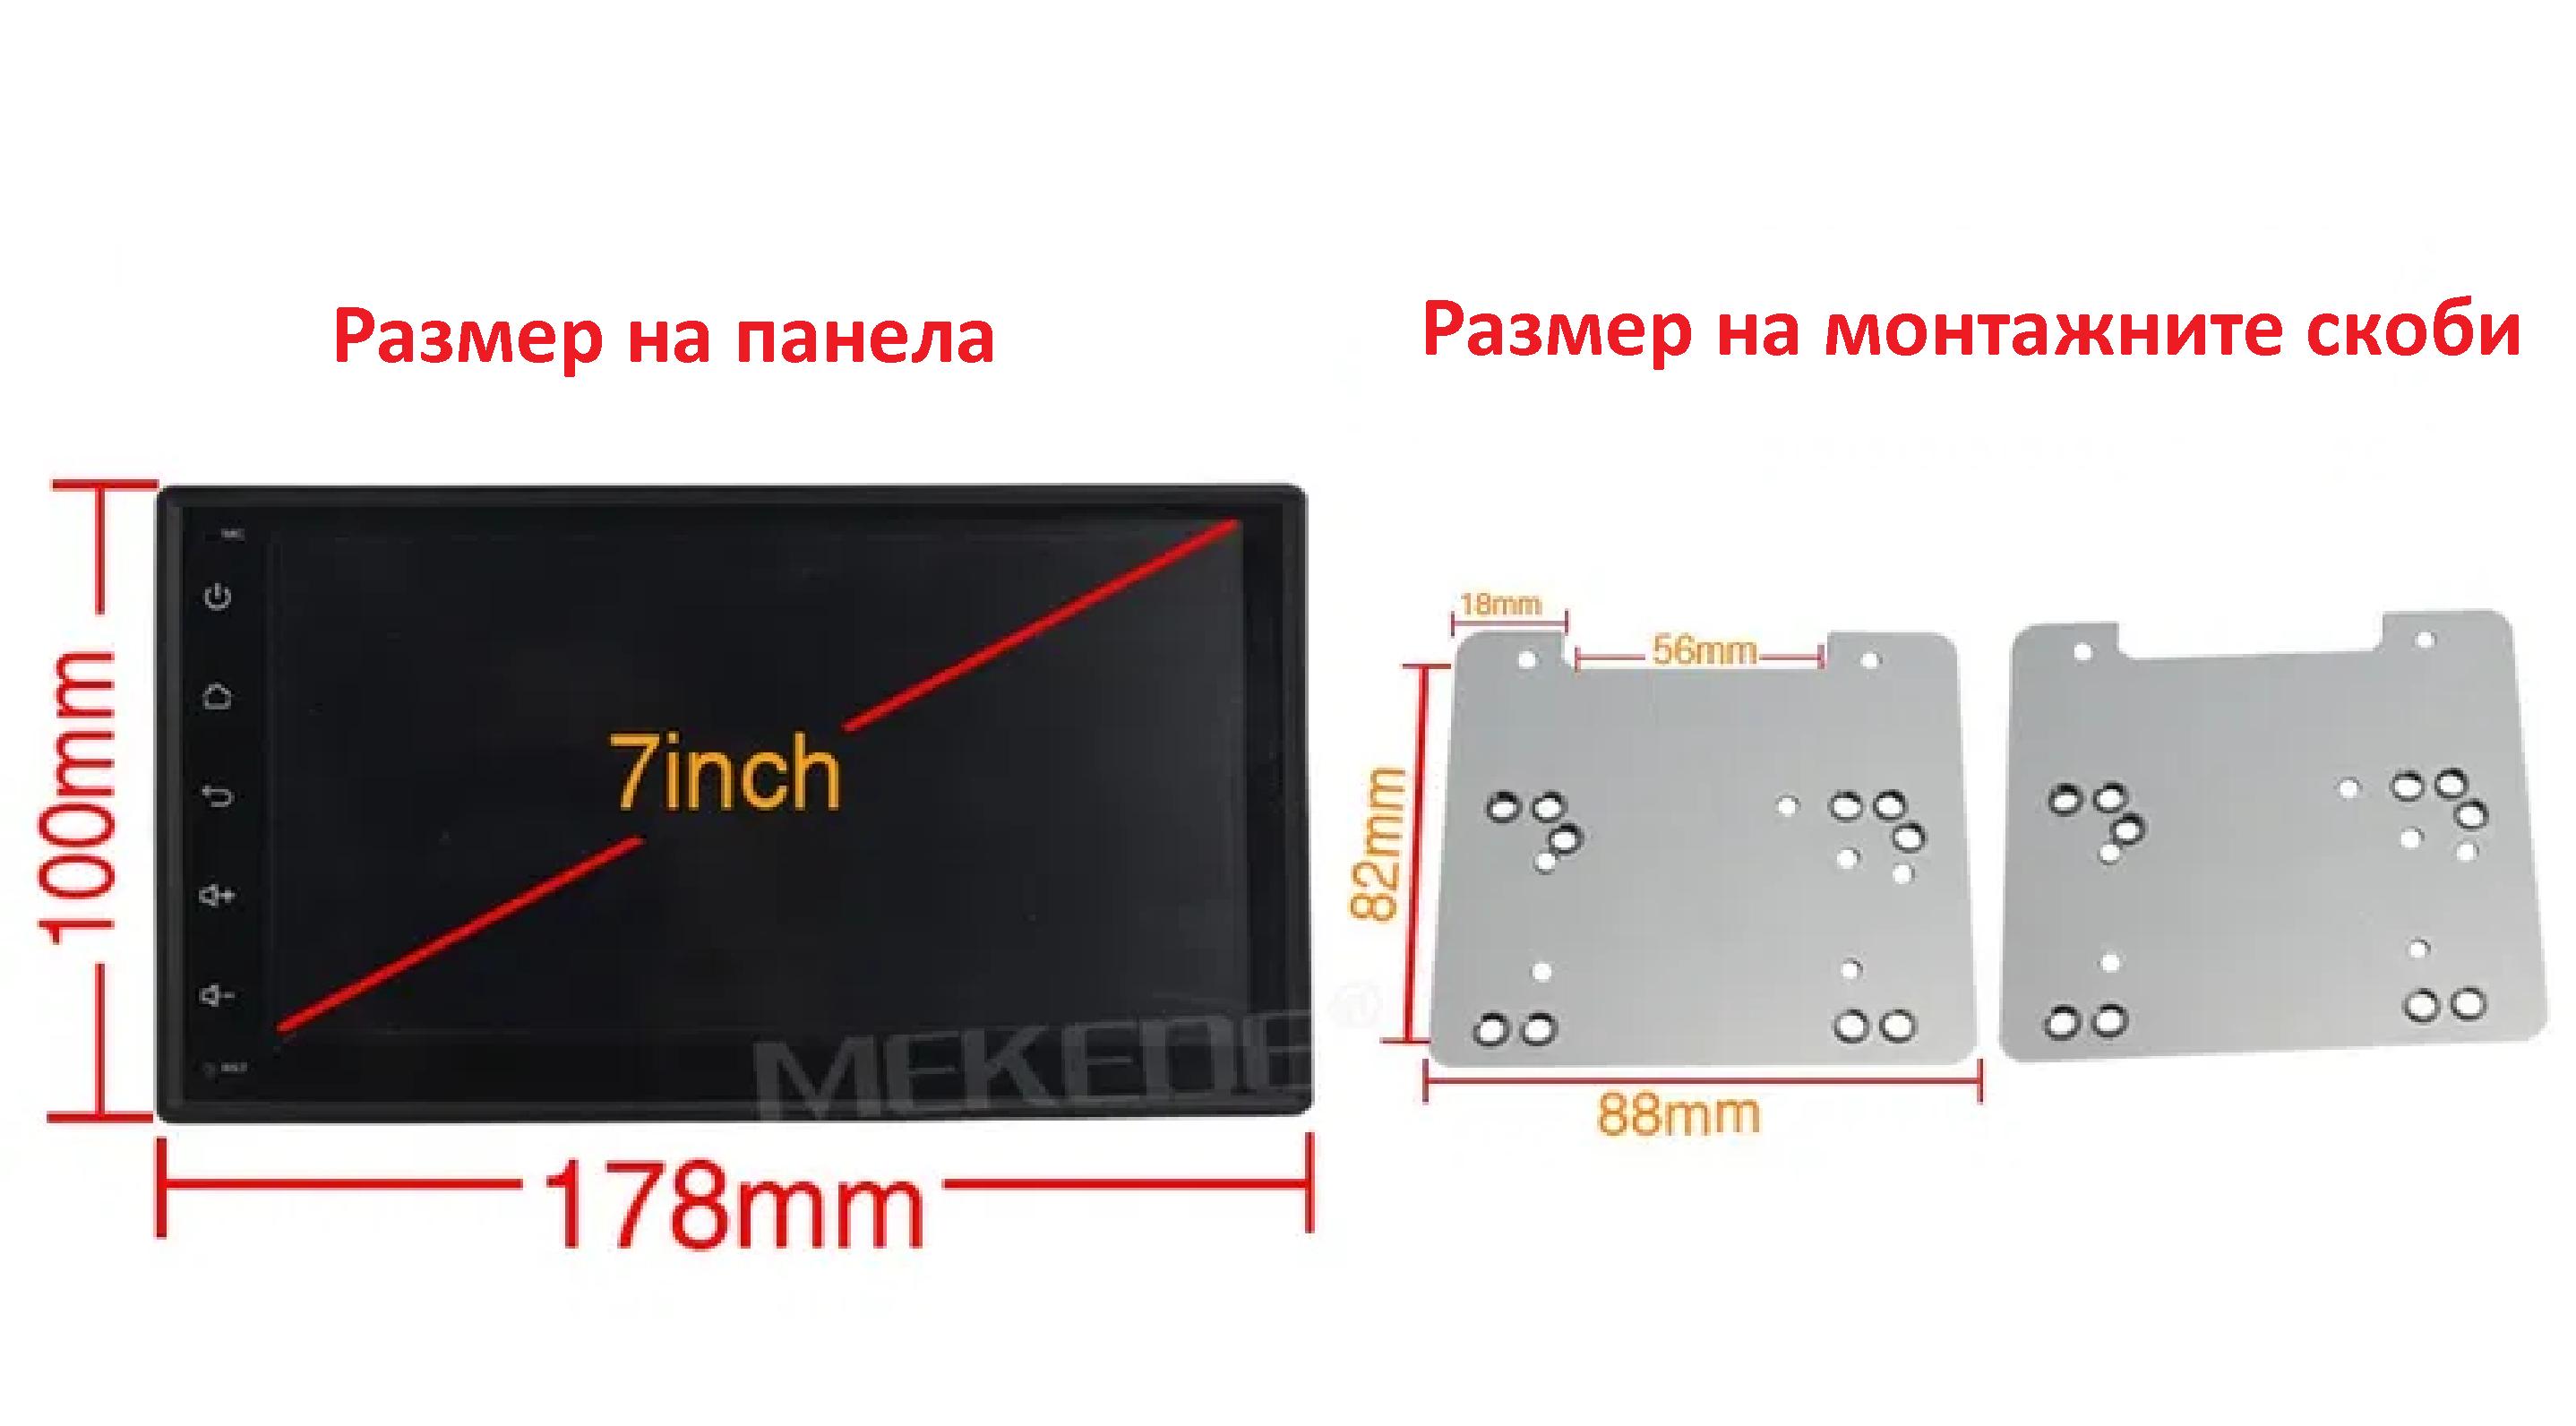 4-ядрена универсална мултимедия довен дин ATU708, Android 10.1